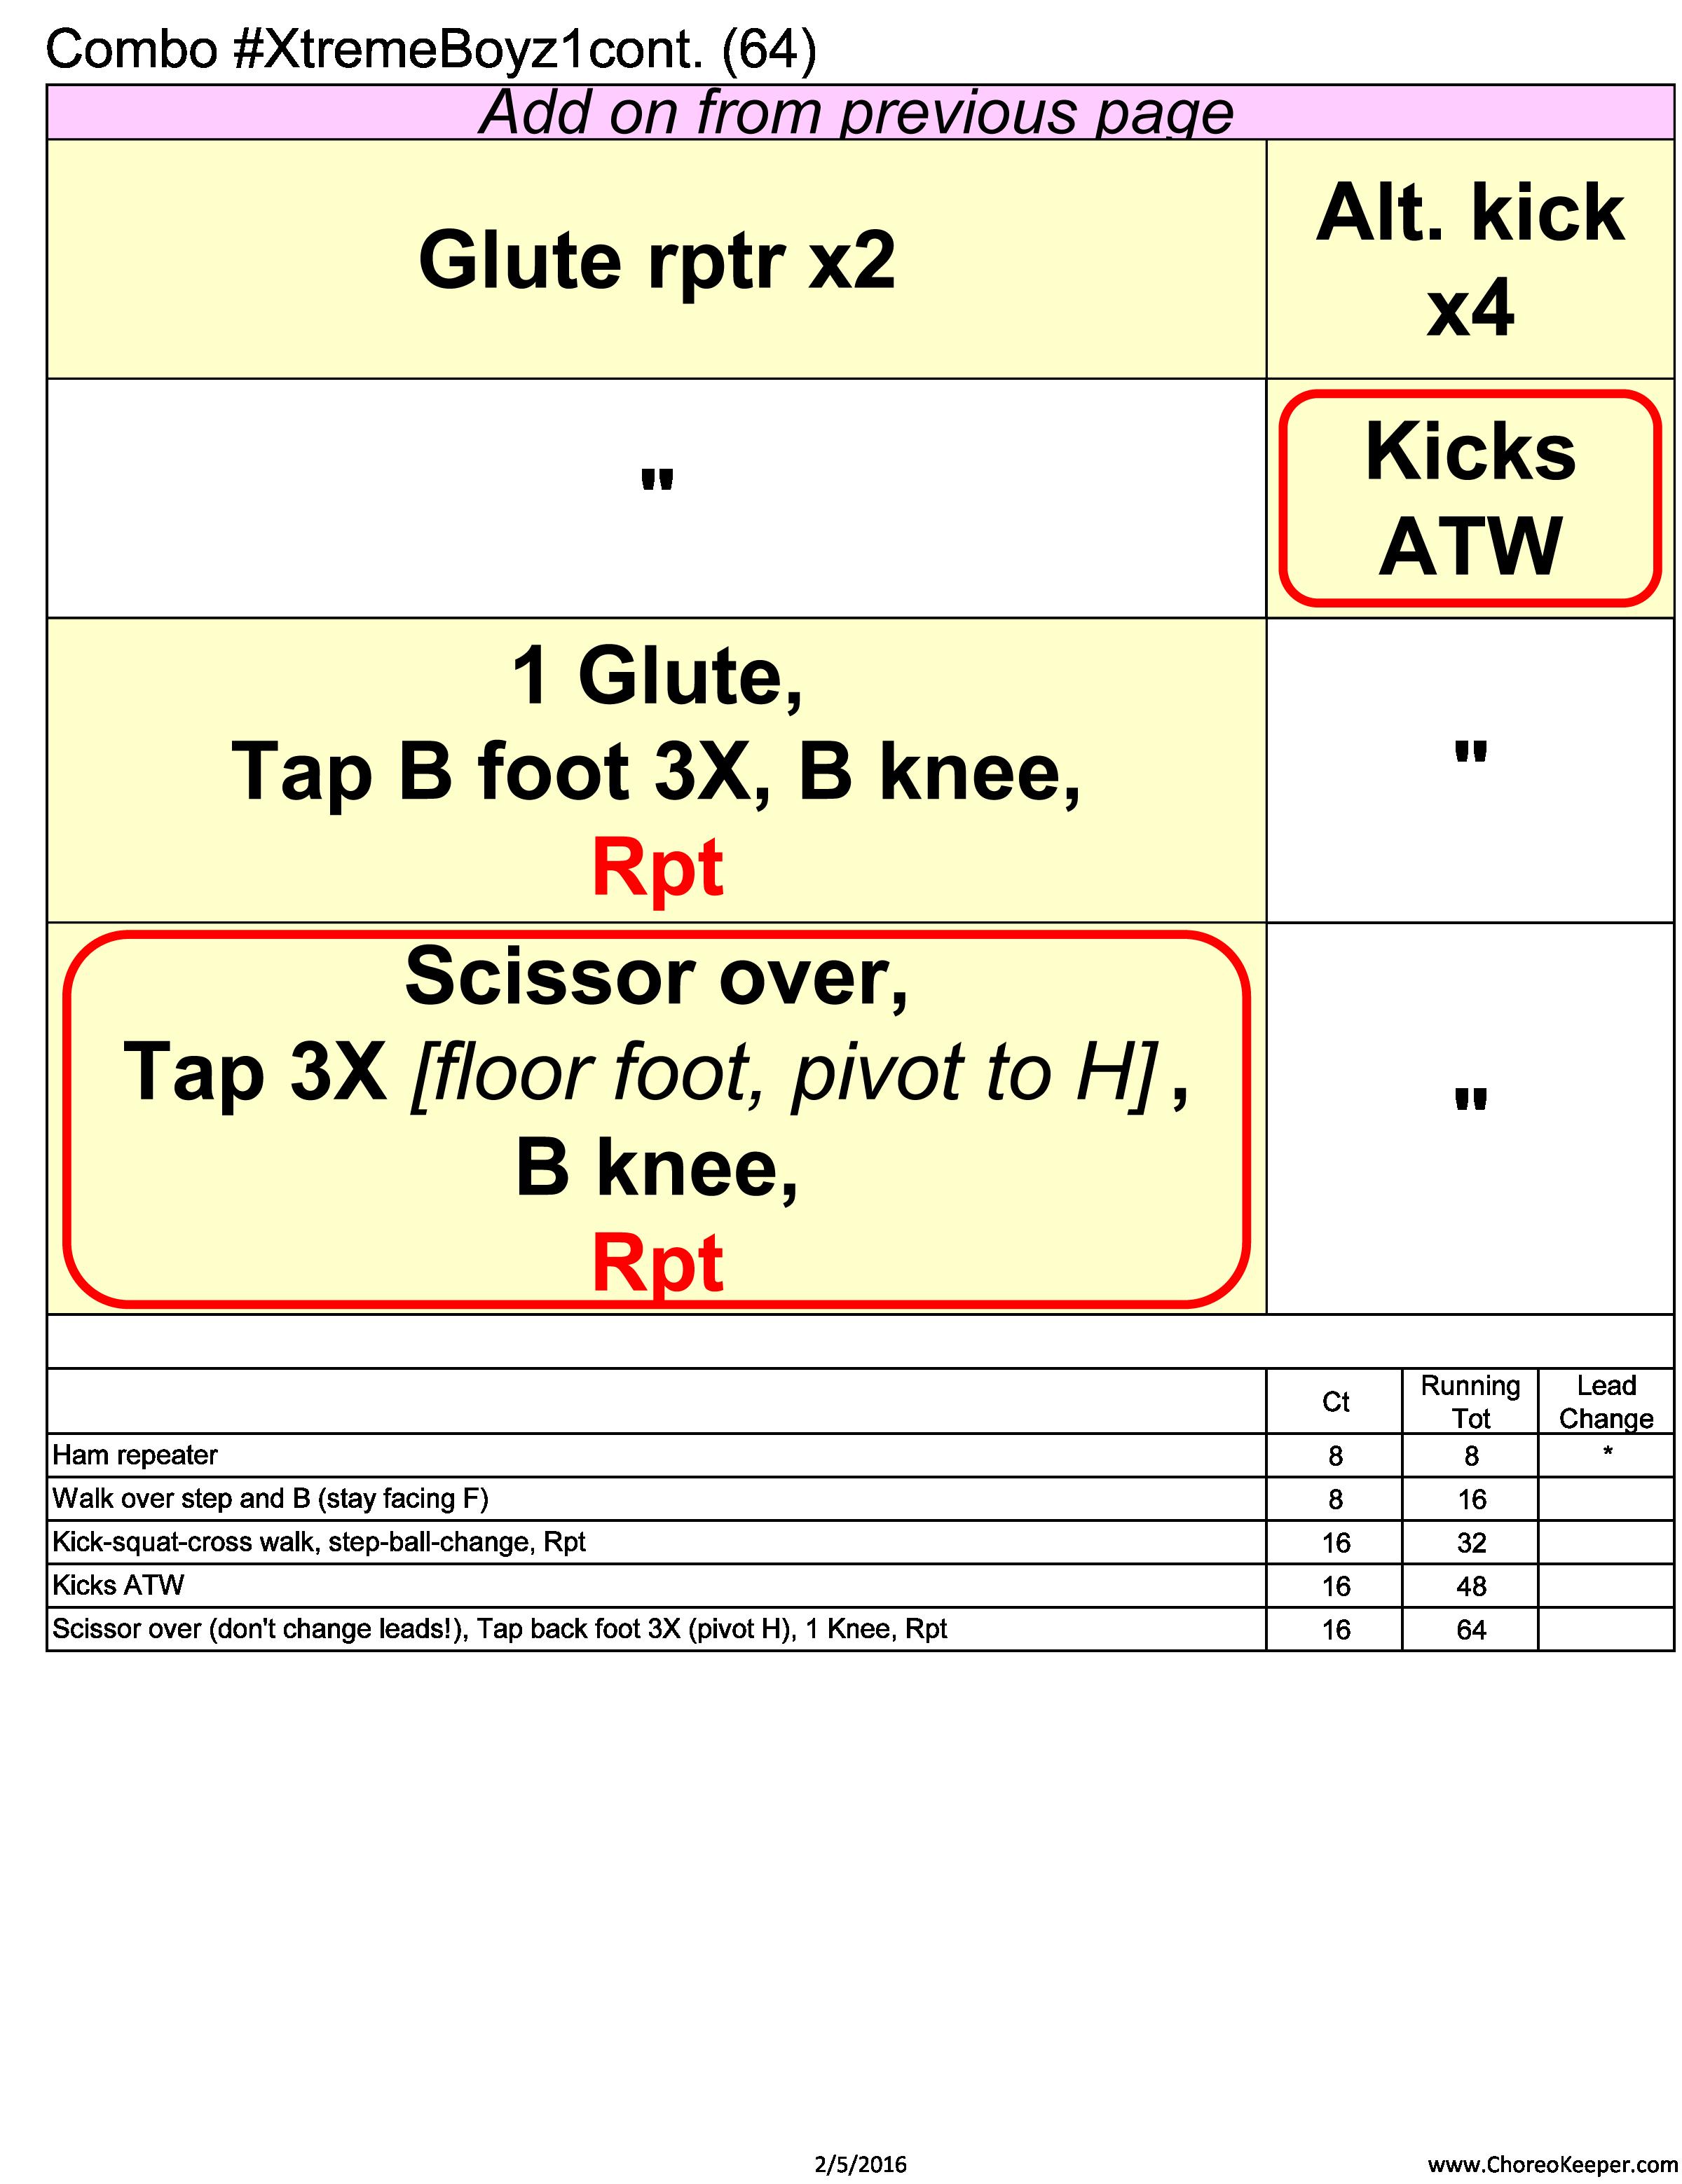 XtremeBoyz1-(64)-2.png